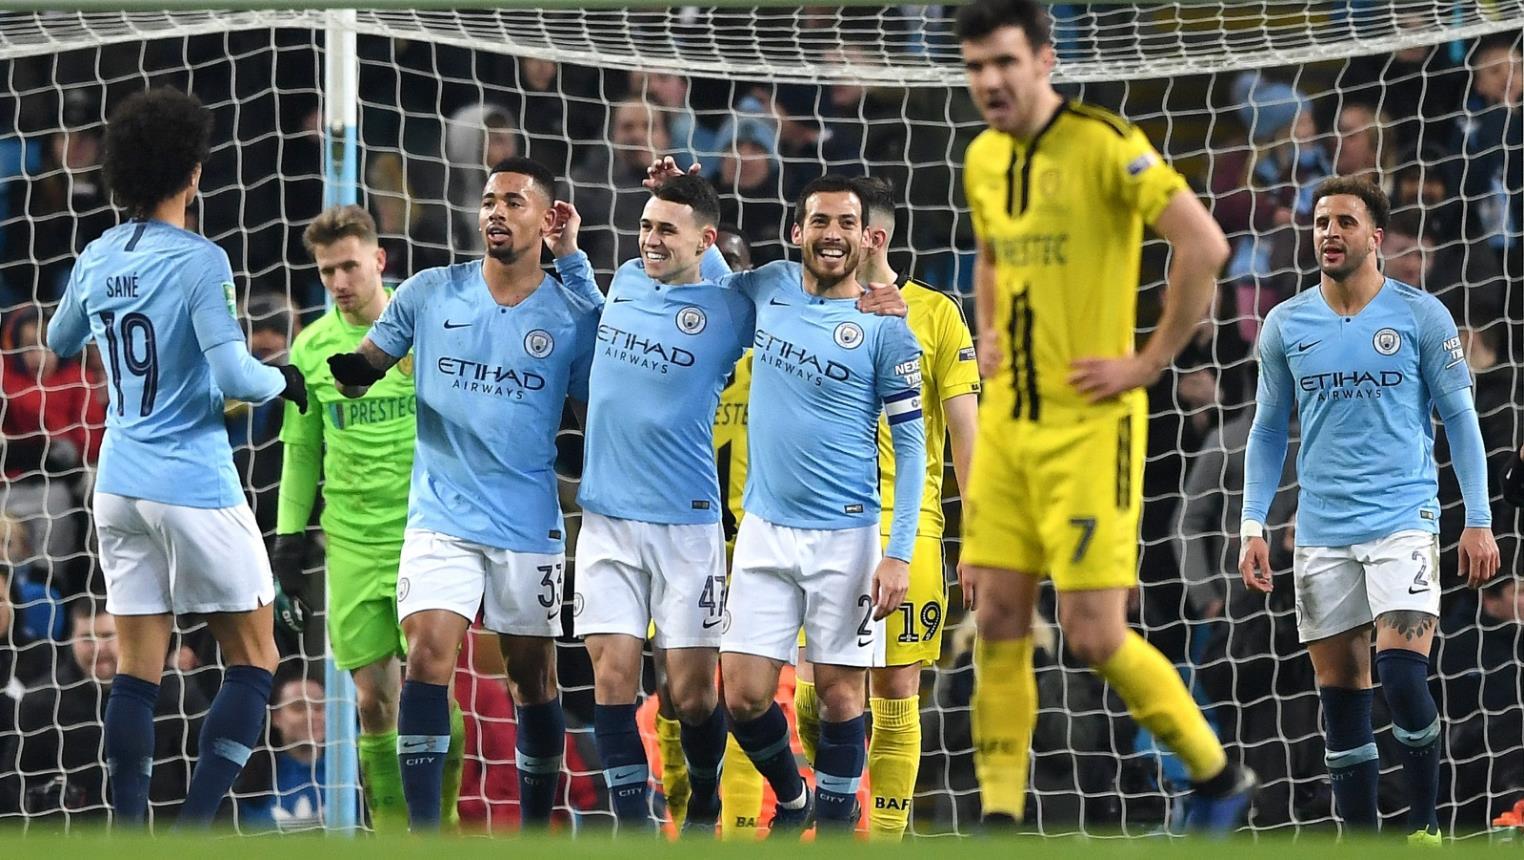 تشكيلة الرسمية مانشستر سيتي,مانشستر سيتي,مانشستر سيتي ضد ريال مدريد,مانشستر سيتي vs ريال مدريد